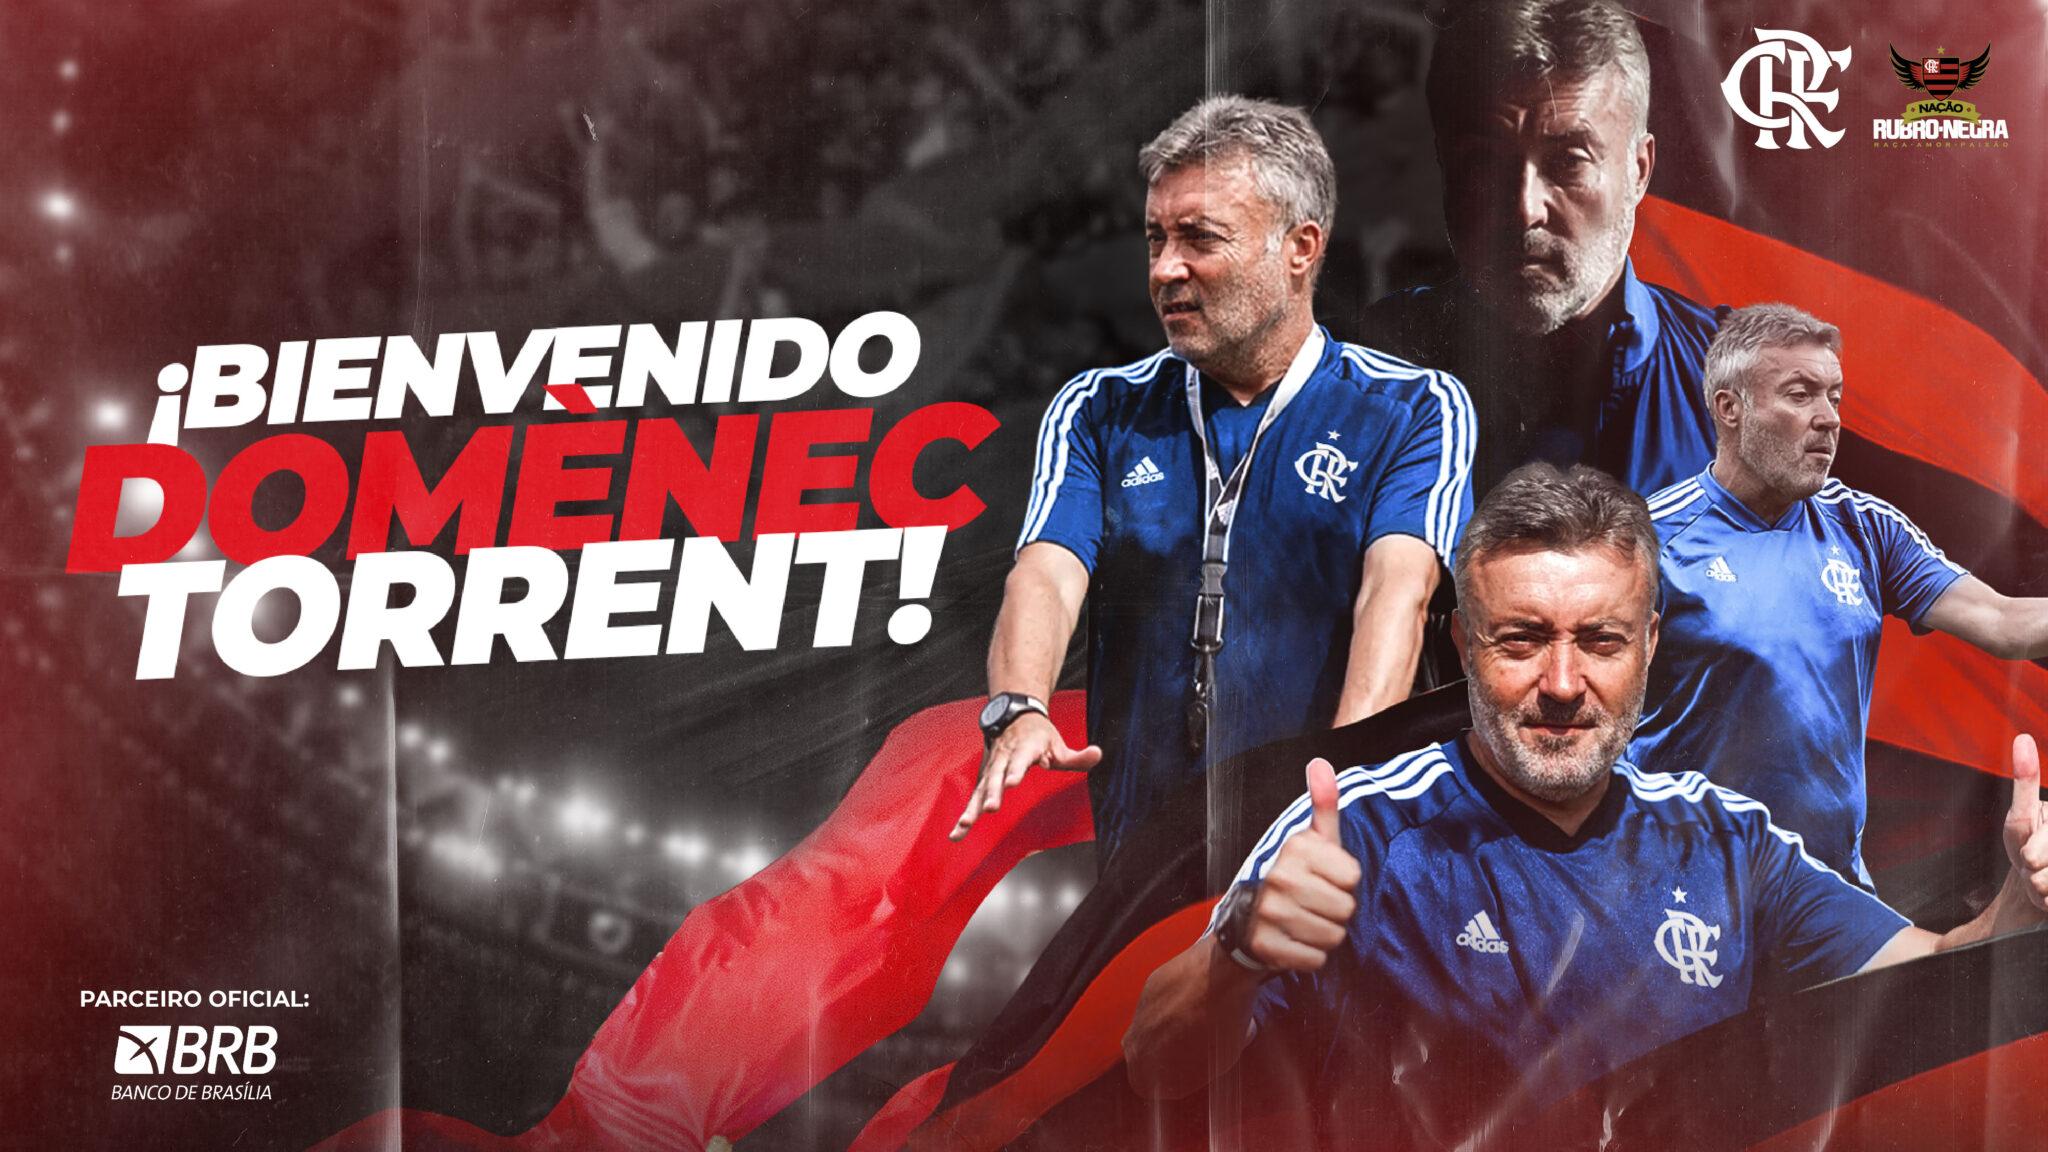 Domènec Torrent e o Jogo de Posição no Flamengo